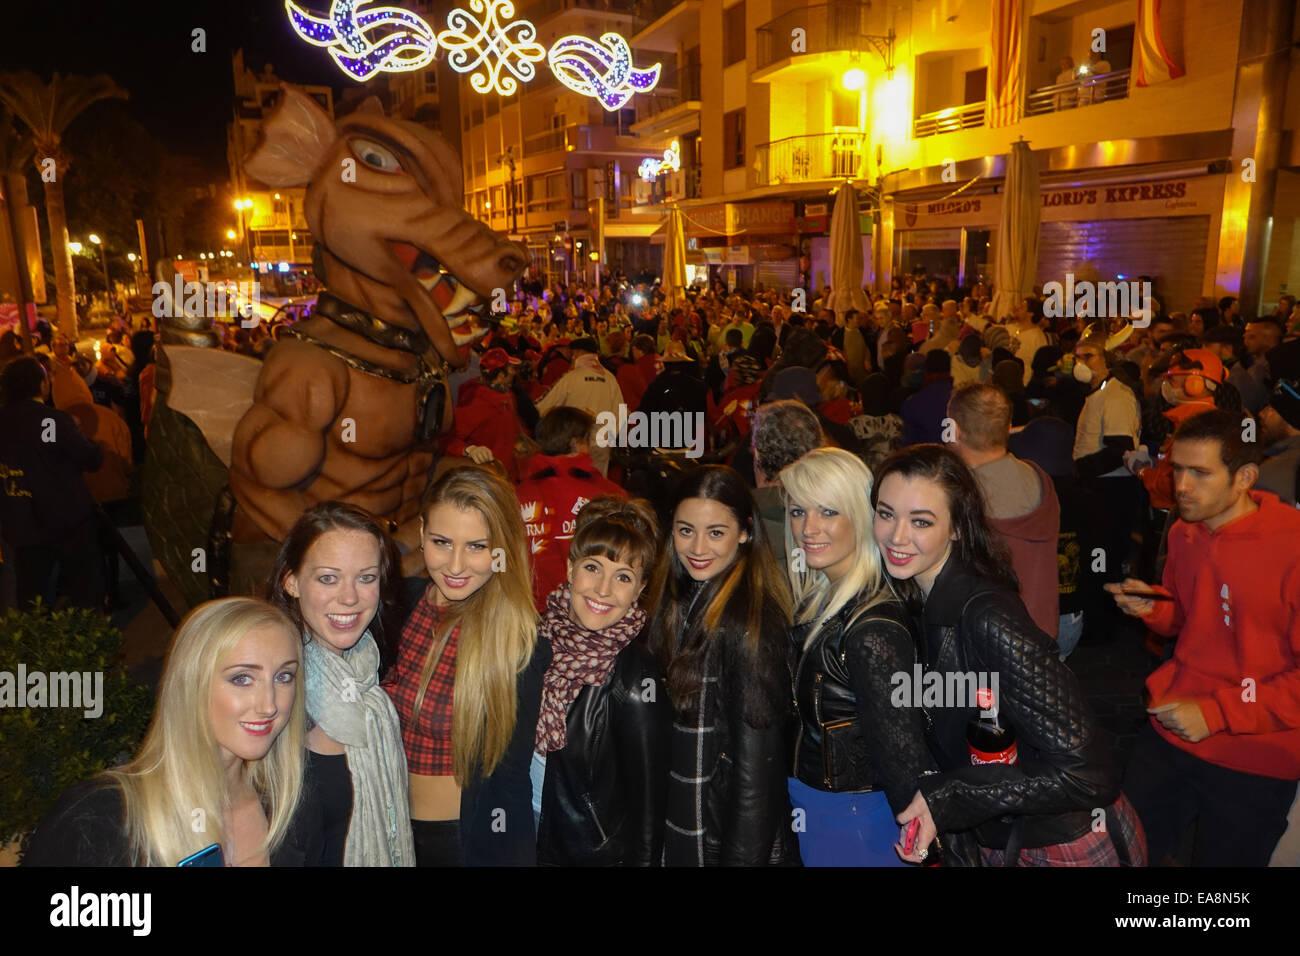 Benidorm, Costa Blanca, Spagna. Domenica, 9 novembre 2014. Un gruppo di giovani ragazze inglesi posano per una foto Immagini Stock